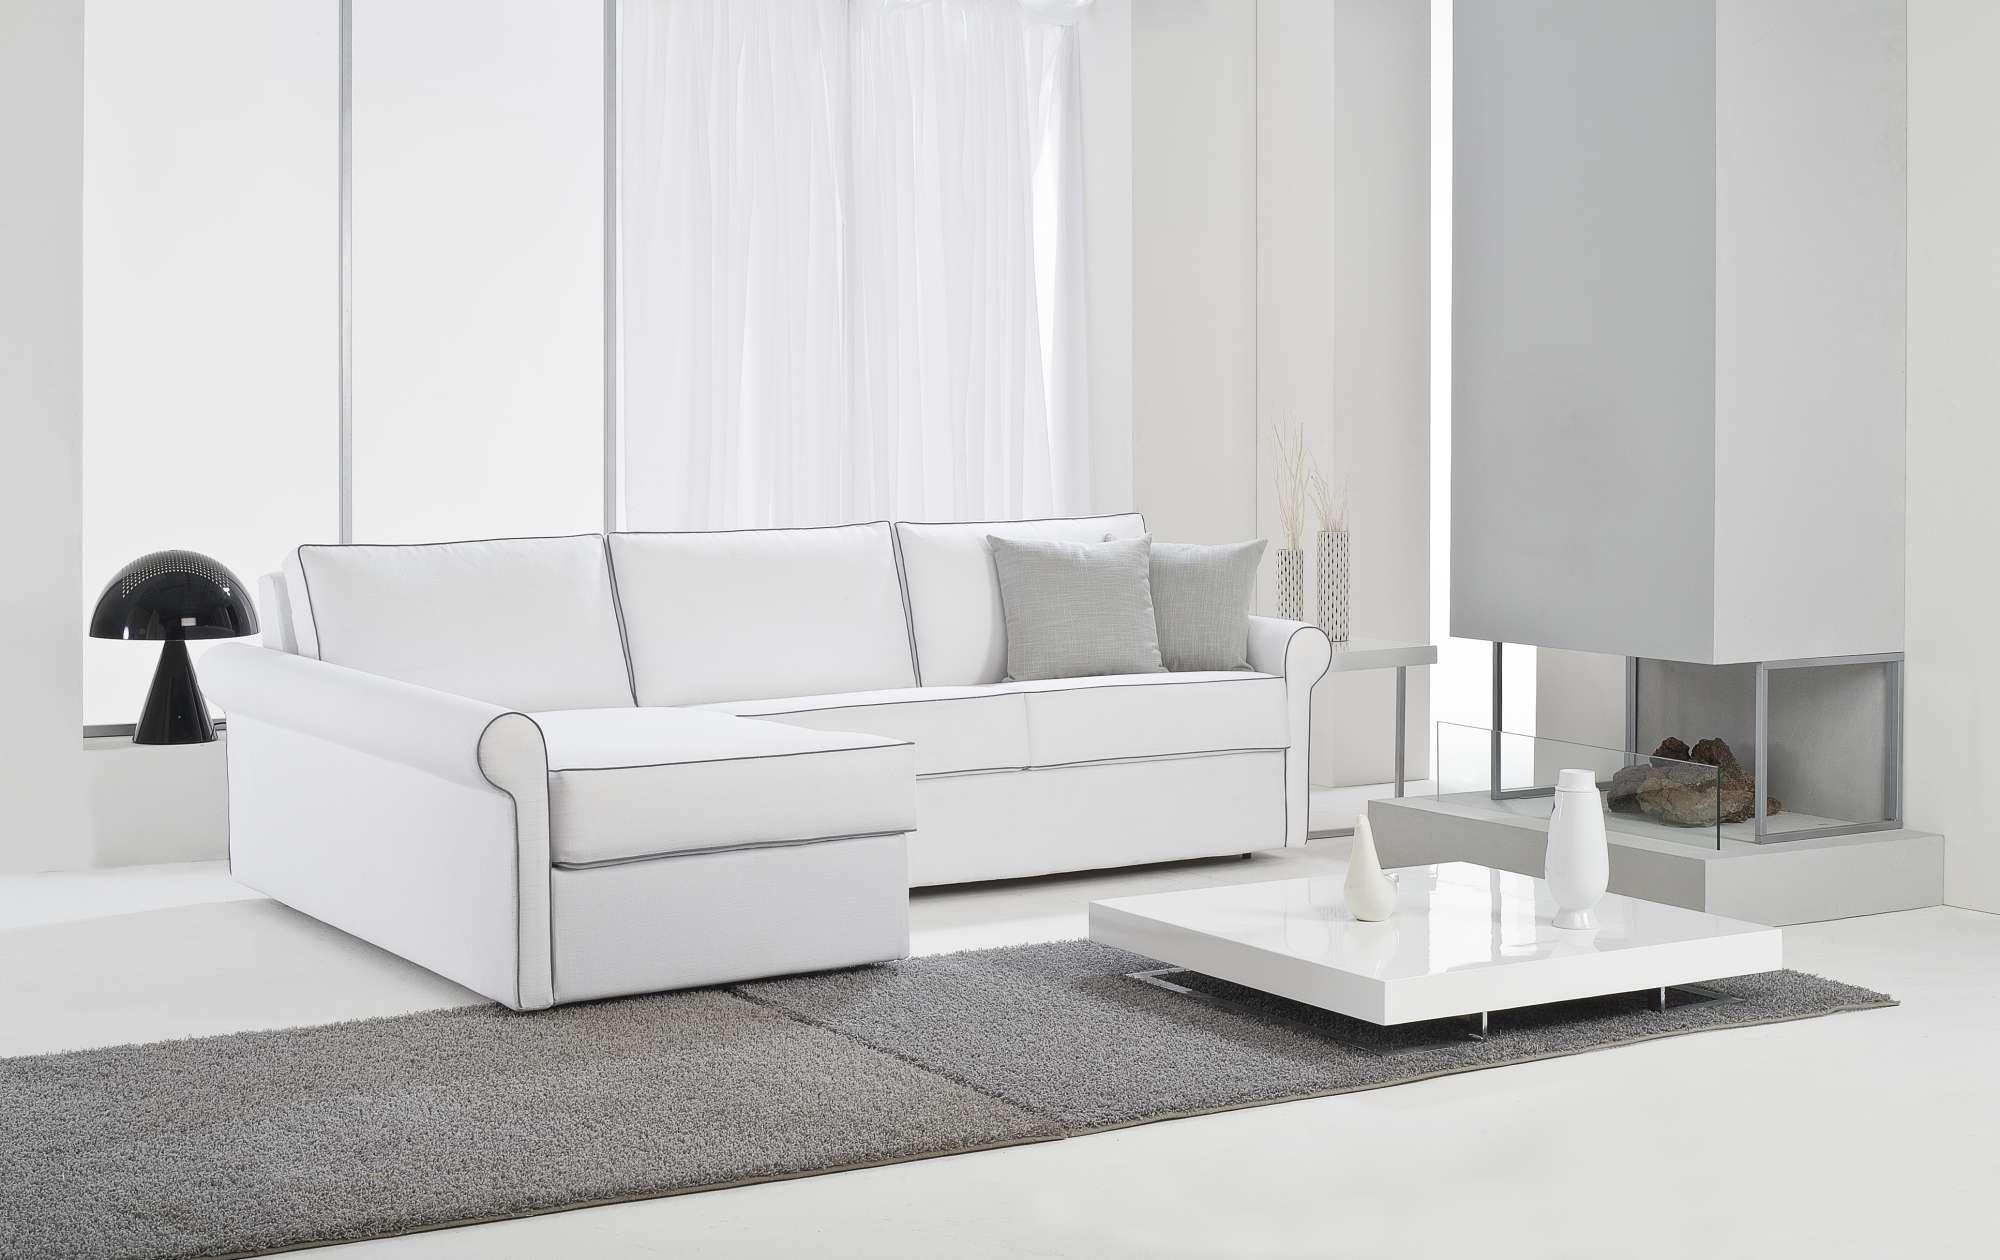 Time divani letto con chaise longue collezione moderni for Divani moderni con chaise longue